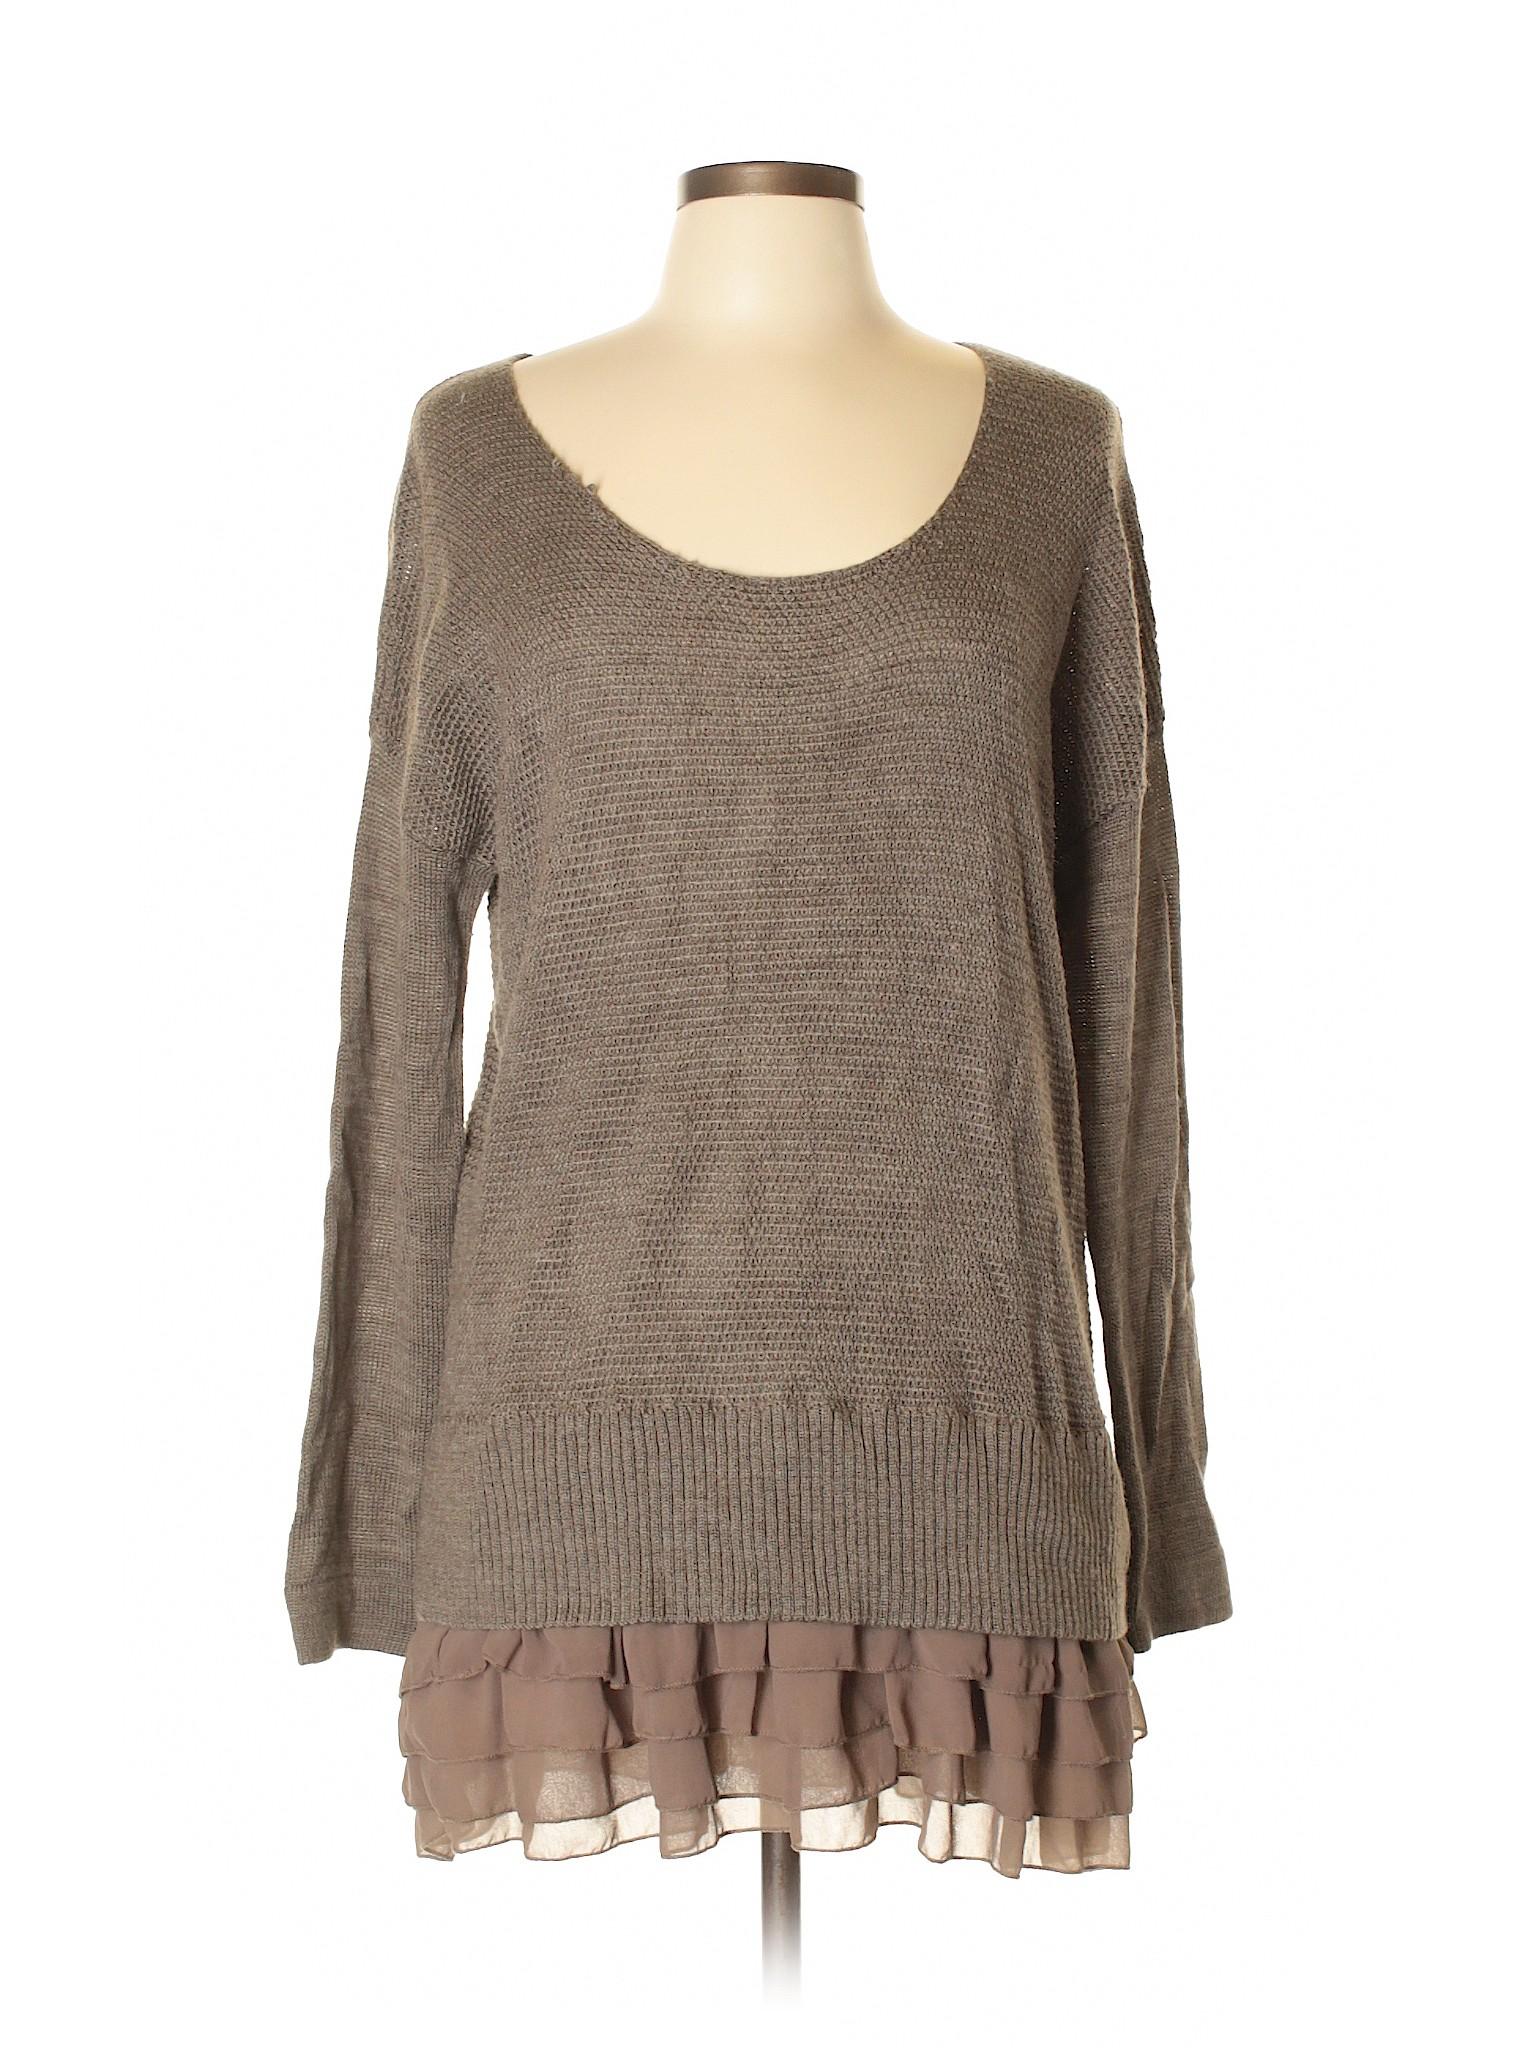 Soft Sweater Soft Boutique Boutique Surroundings Pullover Pullover Boutique Surroundings Surroundings Soft Sweater Sweater Pullover Surroundings Boutique Soft OAHnWWc